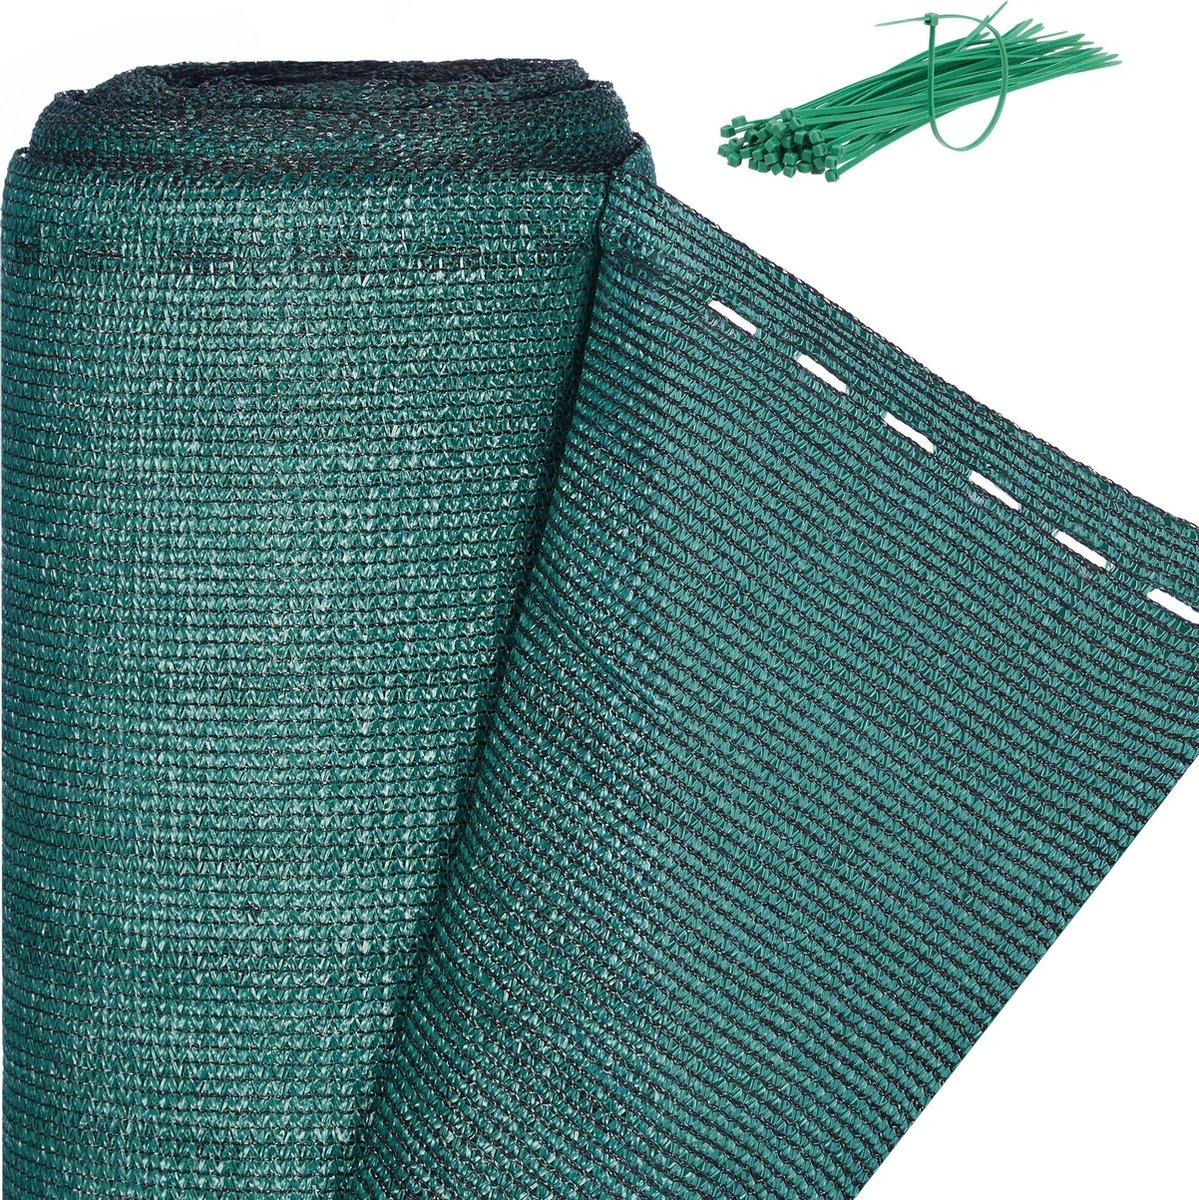 relaxdays zichtbreeknet groen 200 cm - zichtdoek - tuinhekbekleding - privacydoek 2,0 x 6 meter